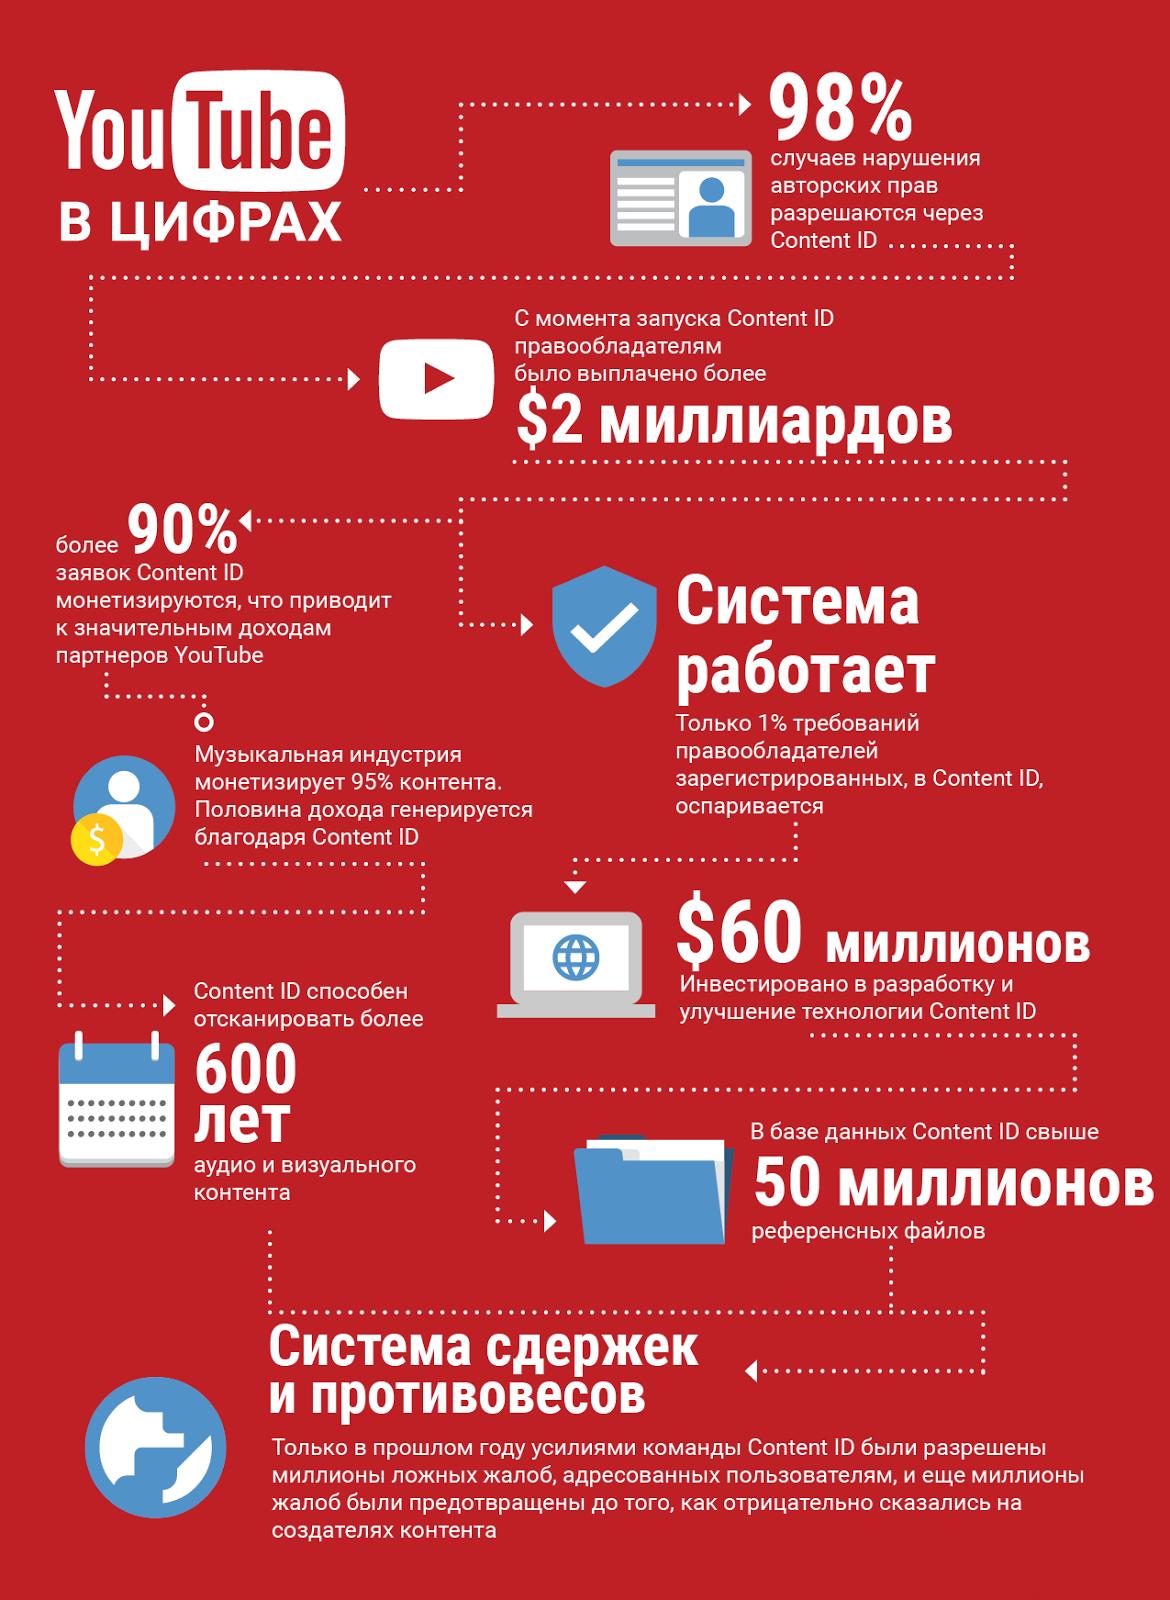 Быстрые Прокси Для Рассылок: украинские прокси под софт для